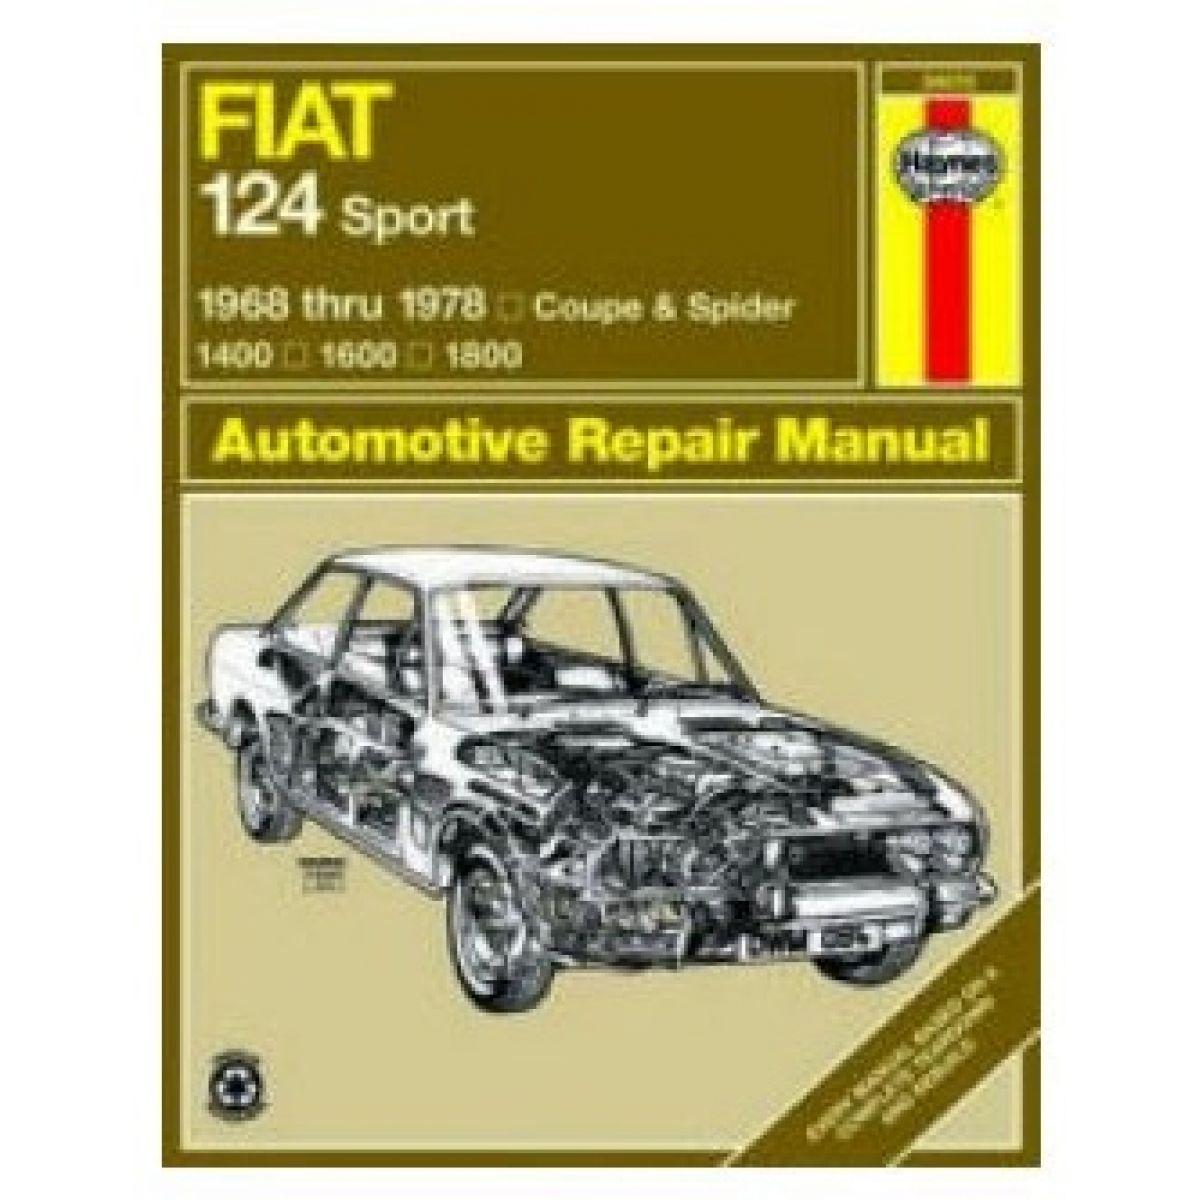 haynes repair manual for 68 74 75 76 77 78 fiat 124 sport ebay rh ebay com 1995 Toyota Corolla Repair Manual 1995 Toyota Corolla Repair Manual